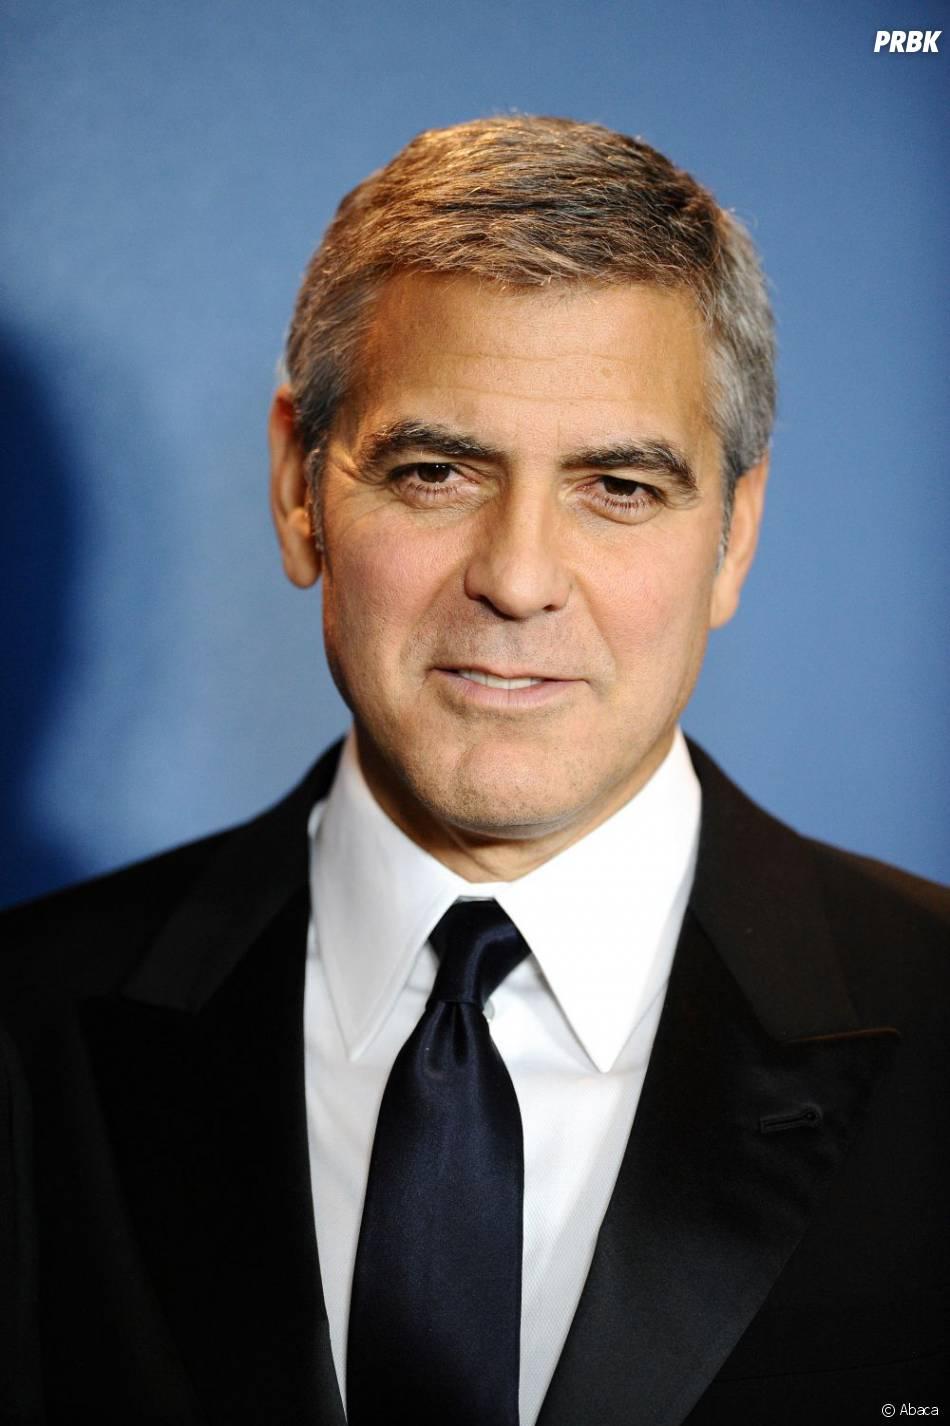 George Clooney roi de la drague : il a tout tenté pour séduire Eva Longoria